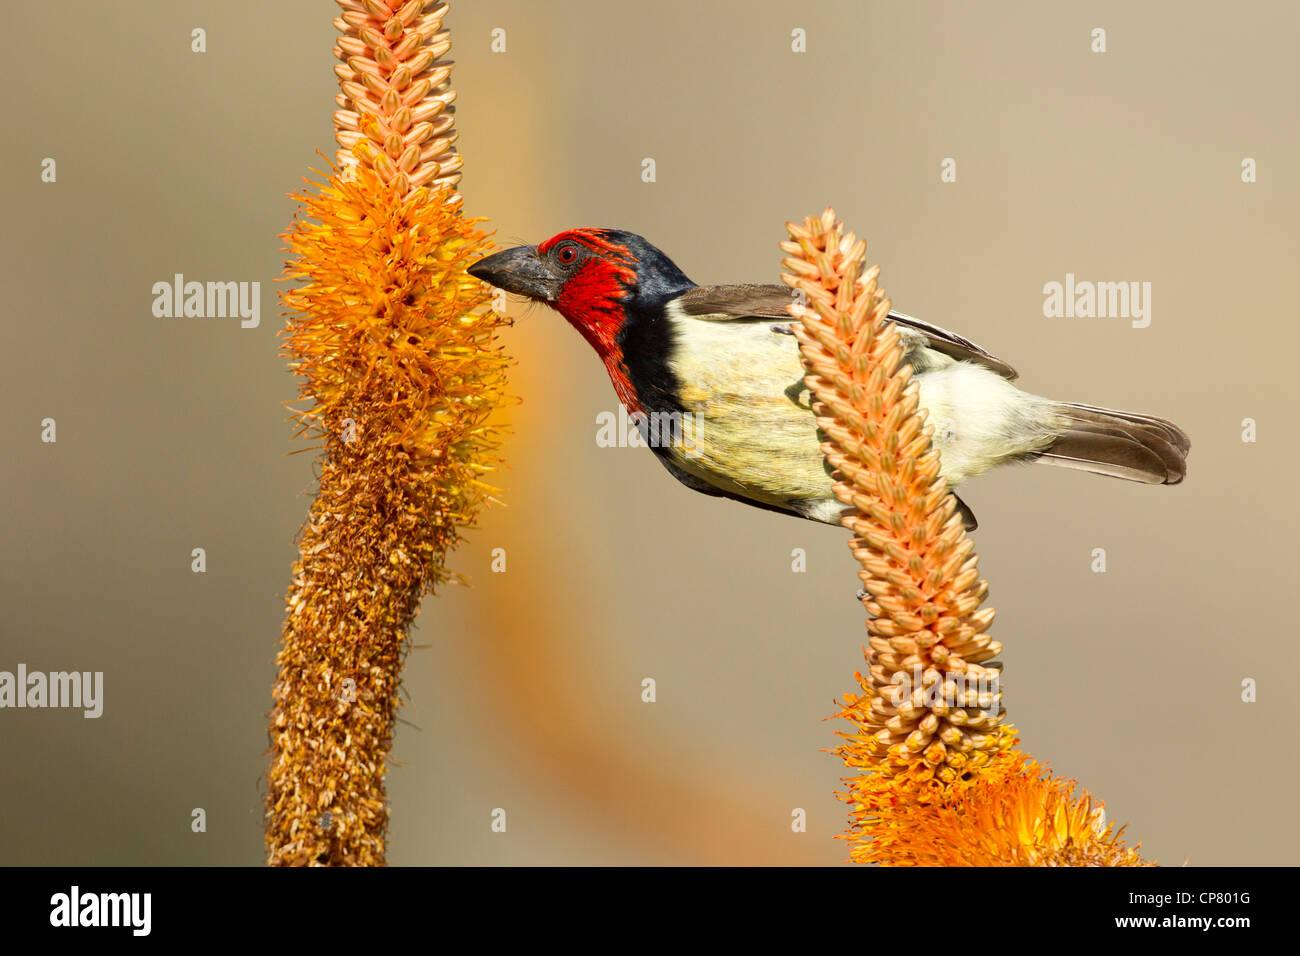 Un collier noir Barbet (Lybius torquatus) se nourrissant du nectar des fleurs d'Aloès, Kruger Park, Afrique Photo Stock